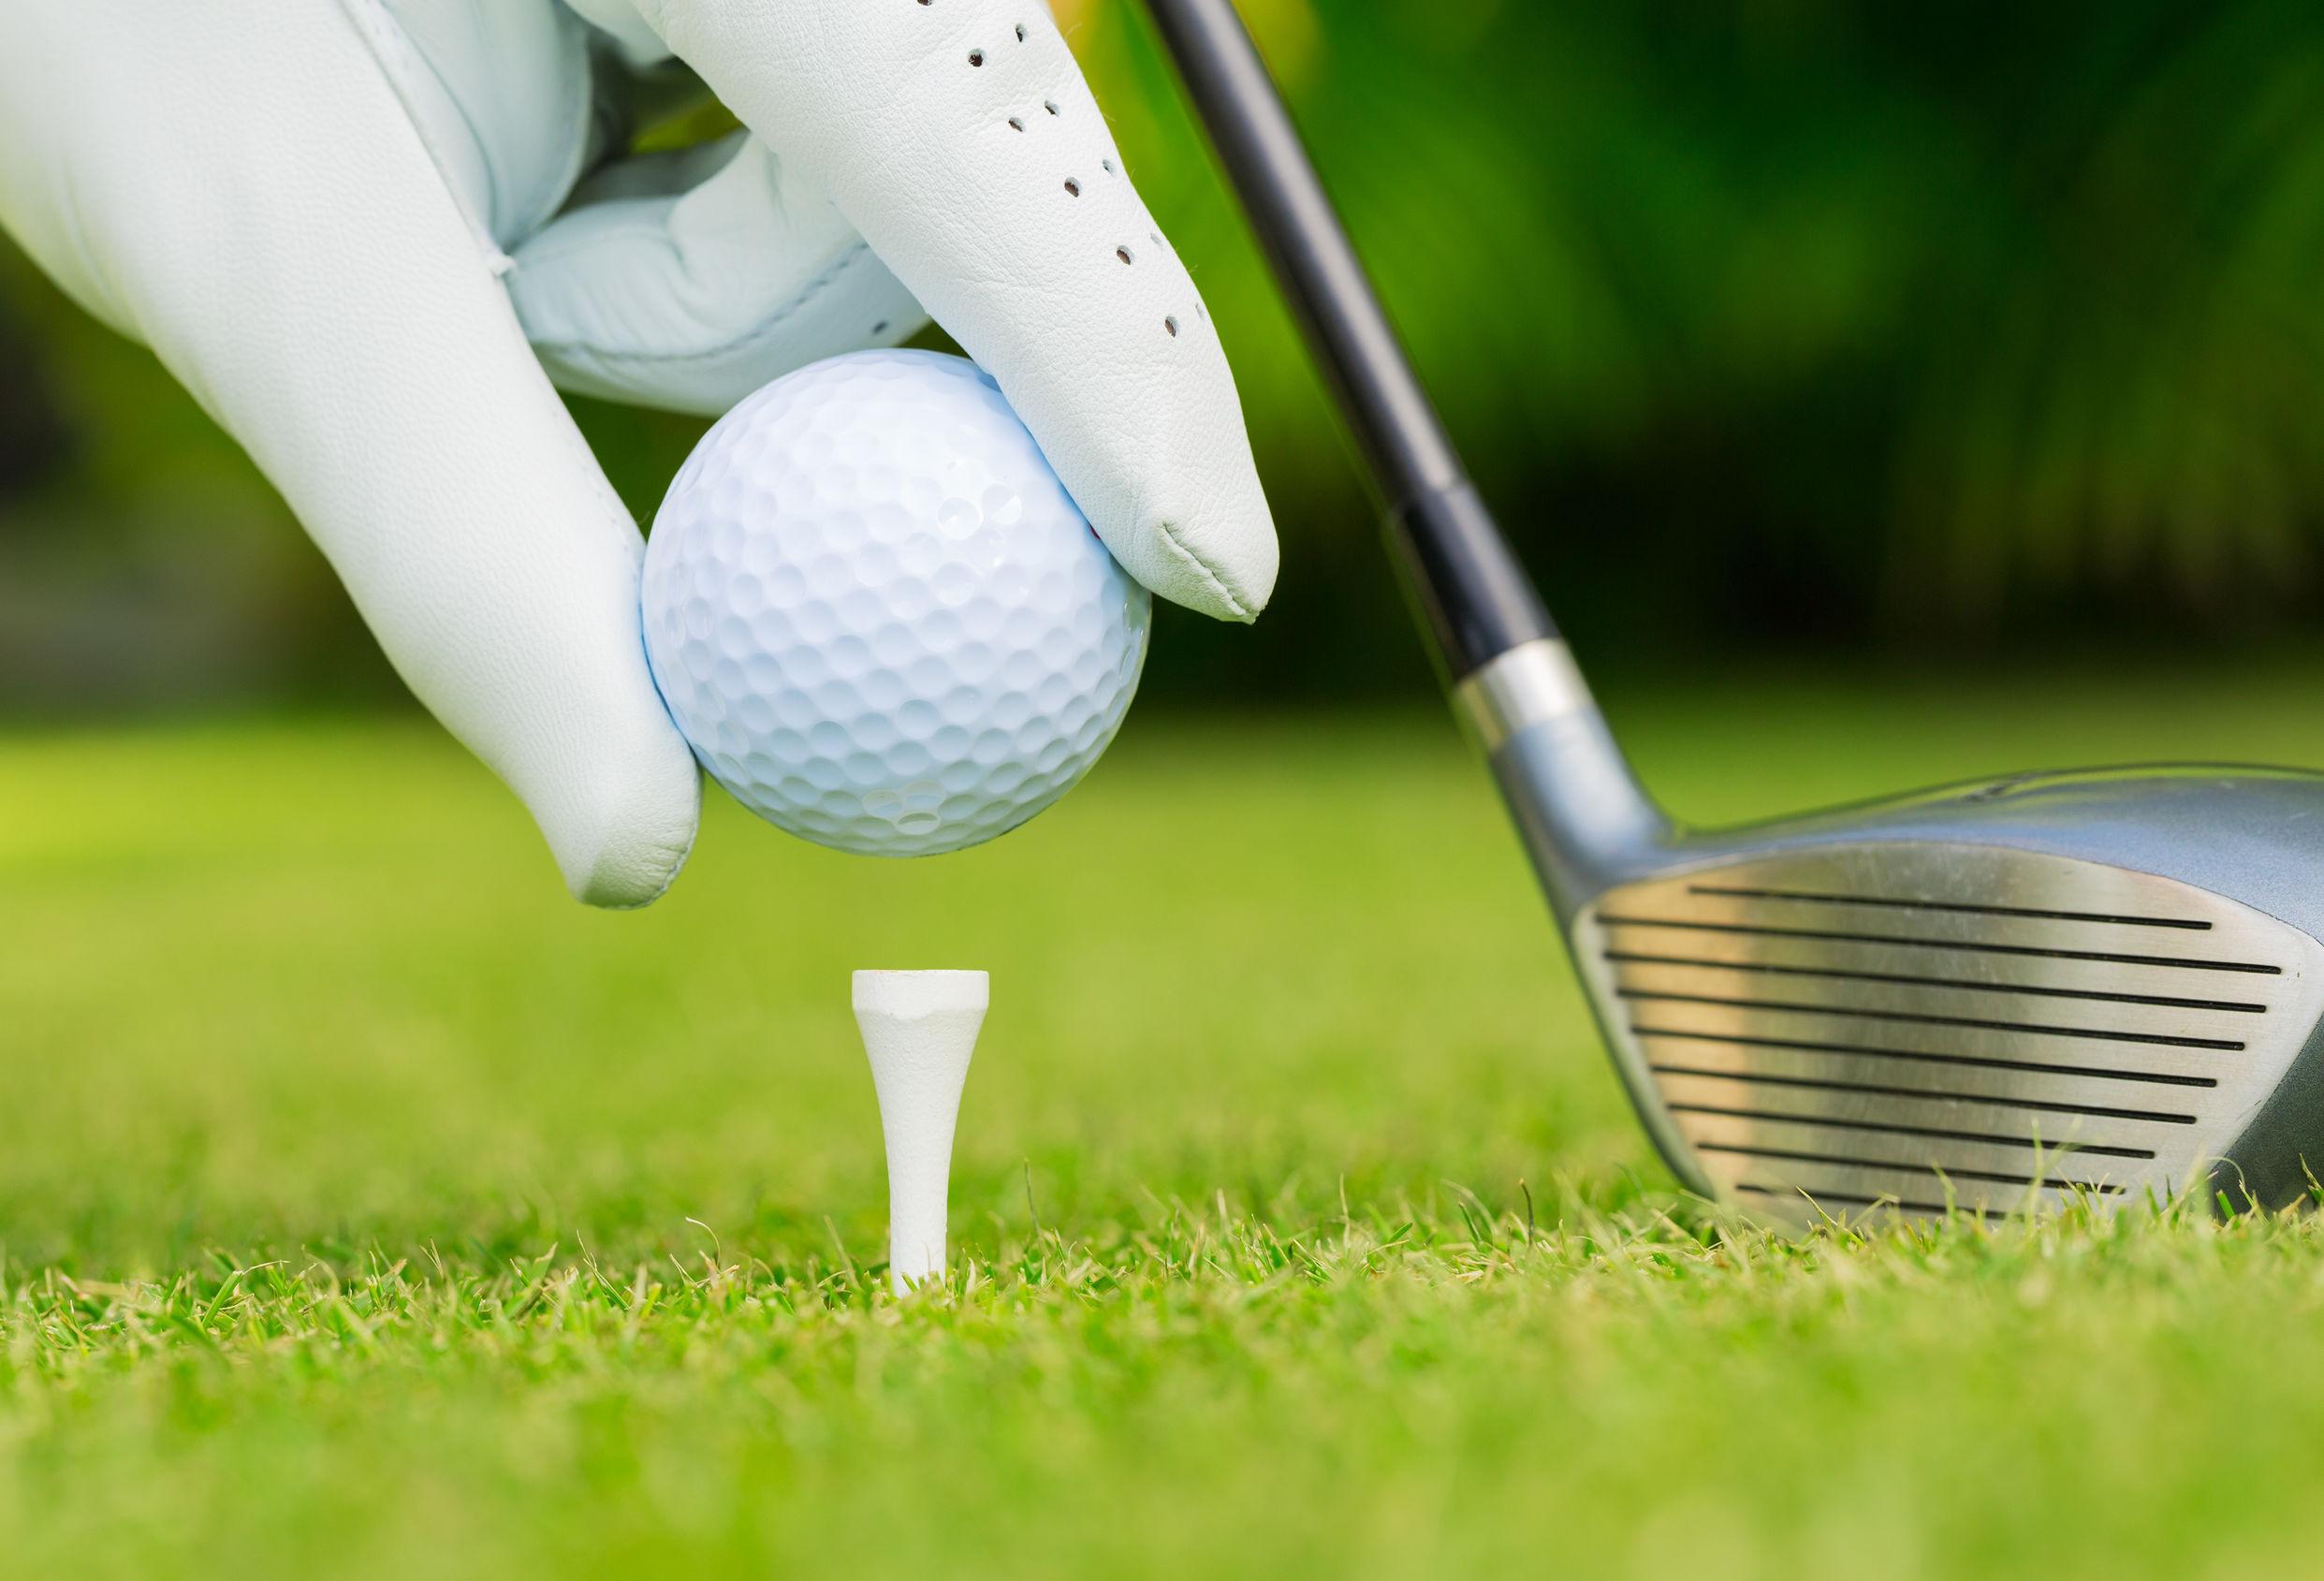 Cierre de vista de una pelota de golf en el tee en campo de golf